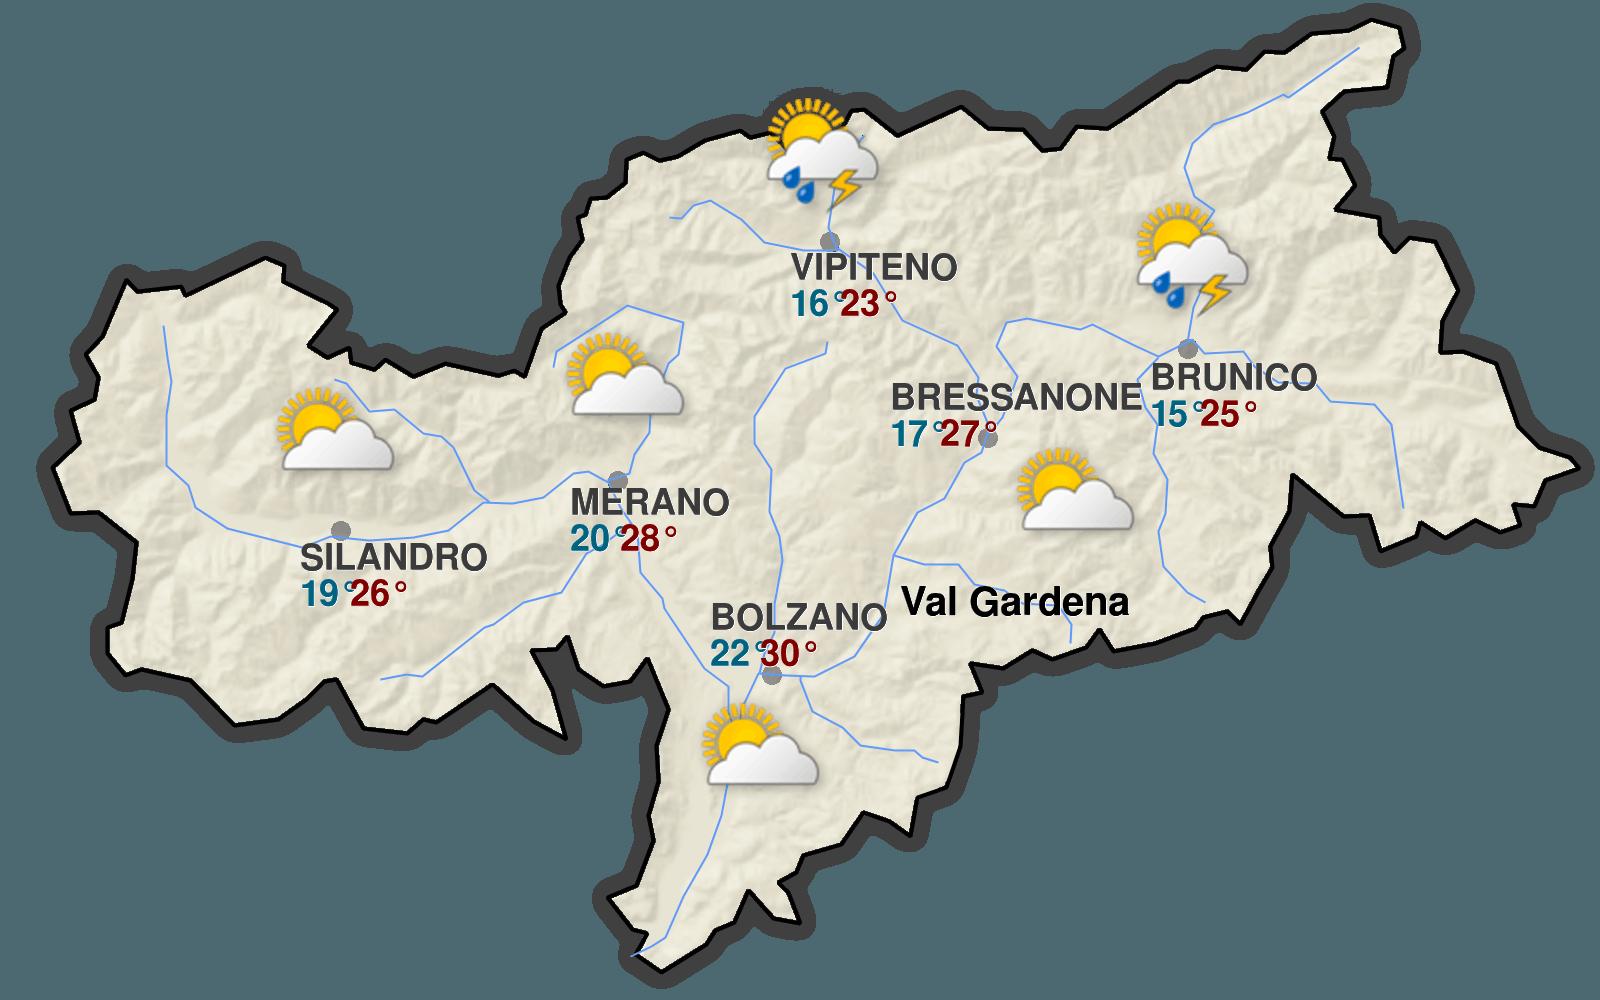 Meteo in Val Gardena - Dolomiti